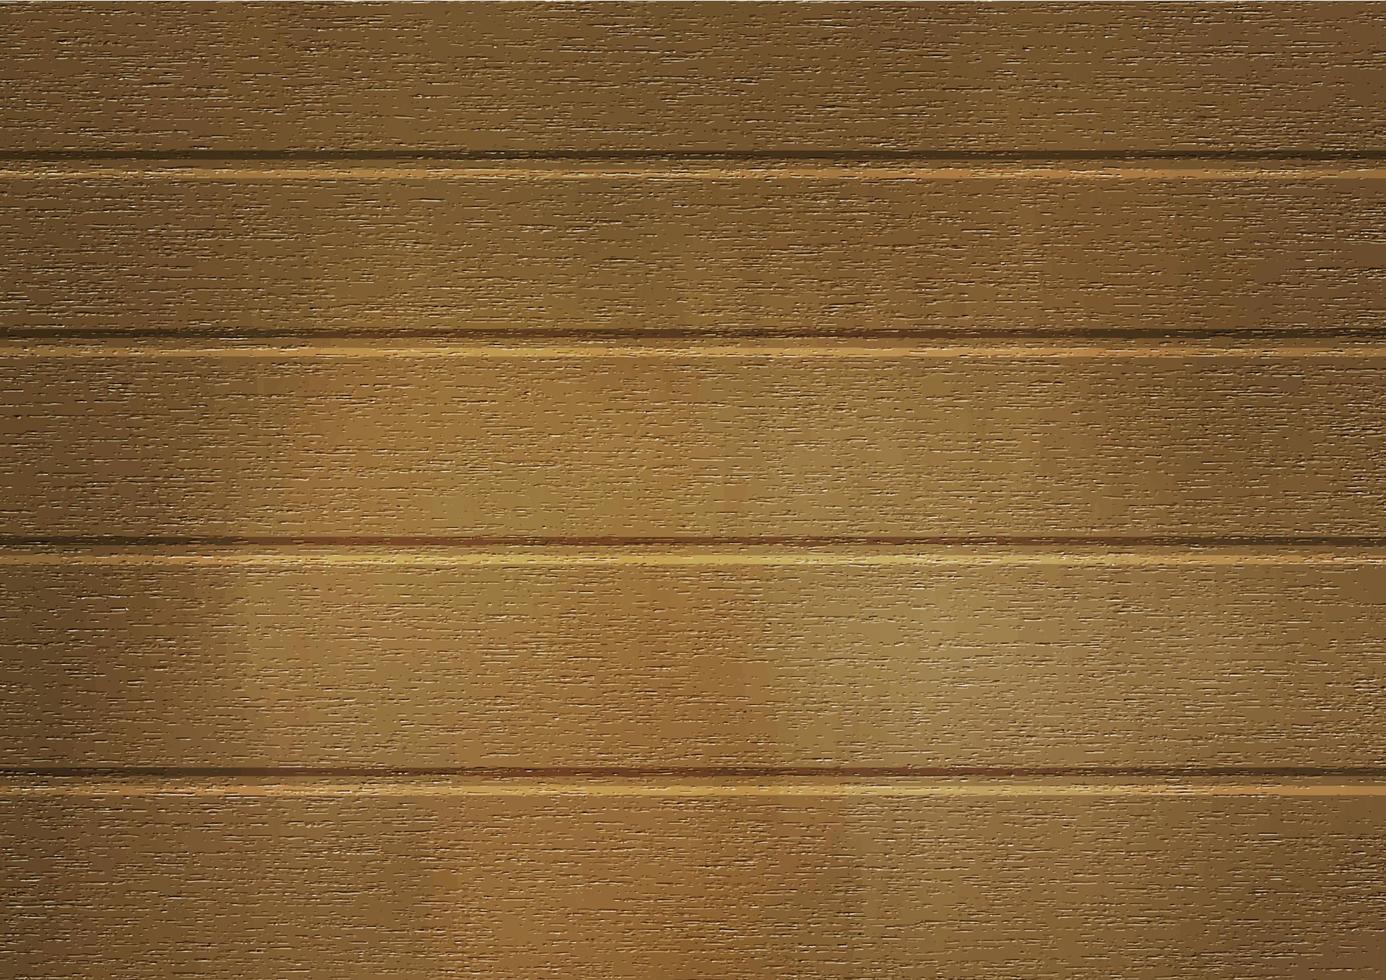 struttura di legno realistica vettore